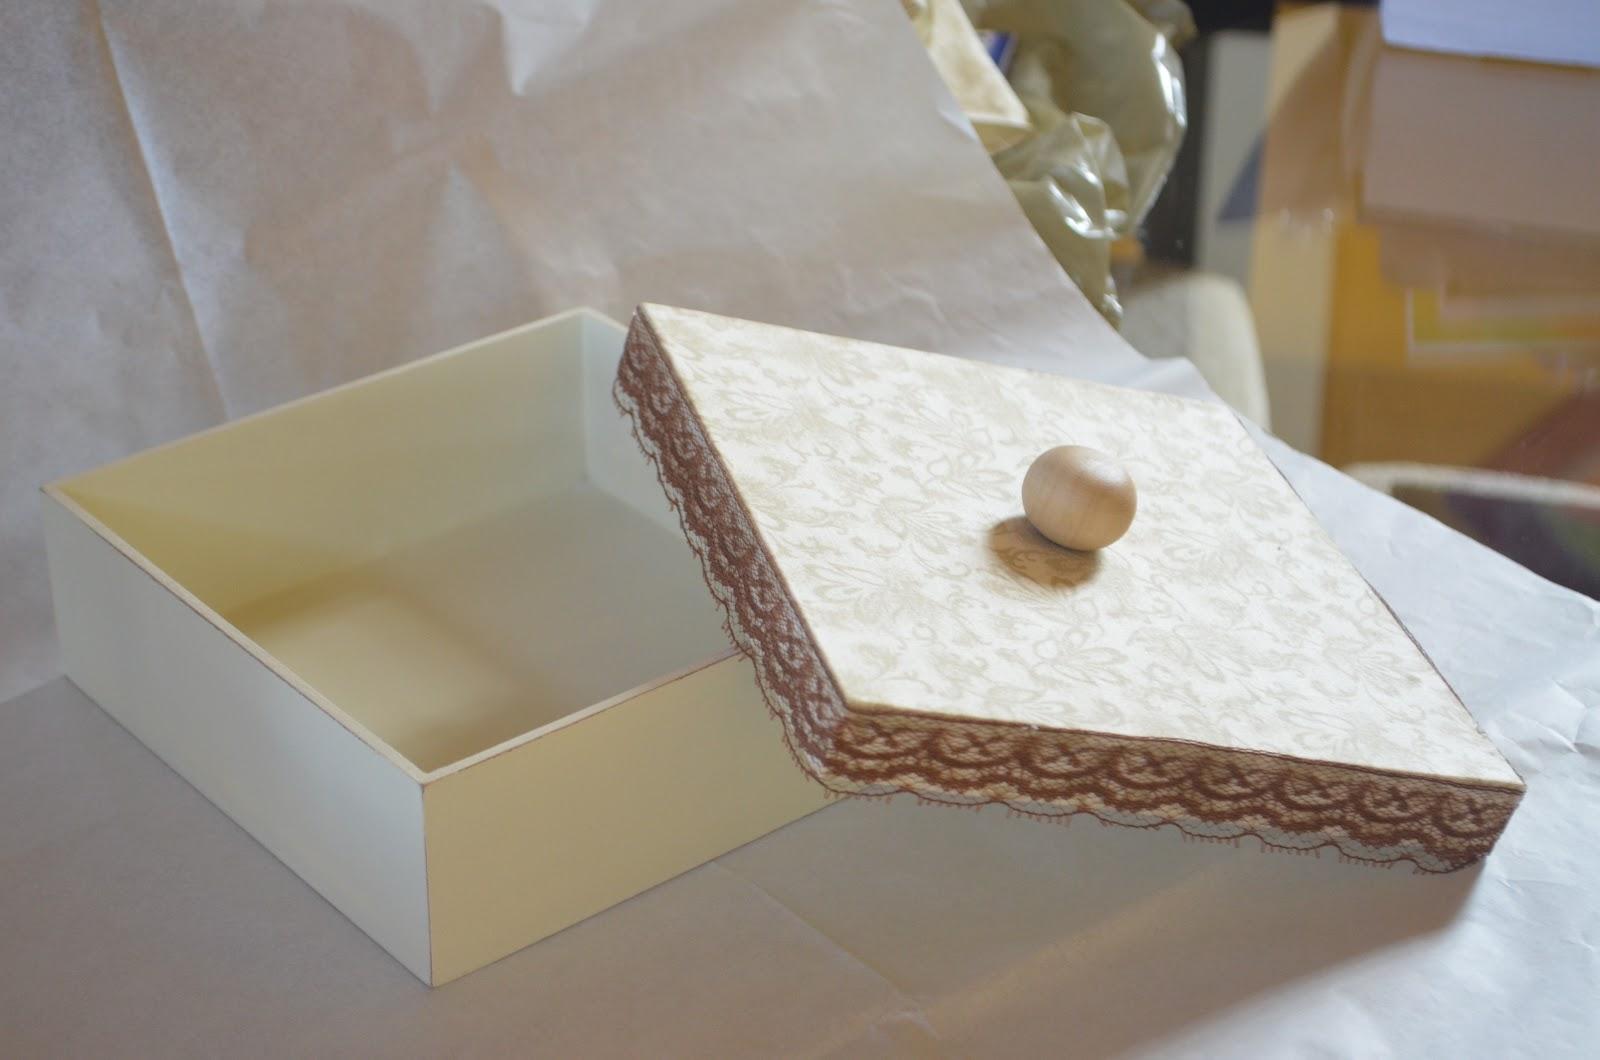 Cor: Caixa mdf tampa revestida em tecido com aplicação de renda  #7E6643 1600x1060